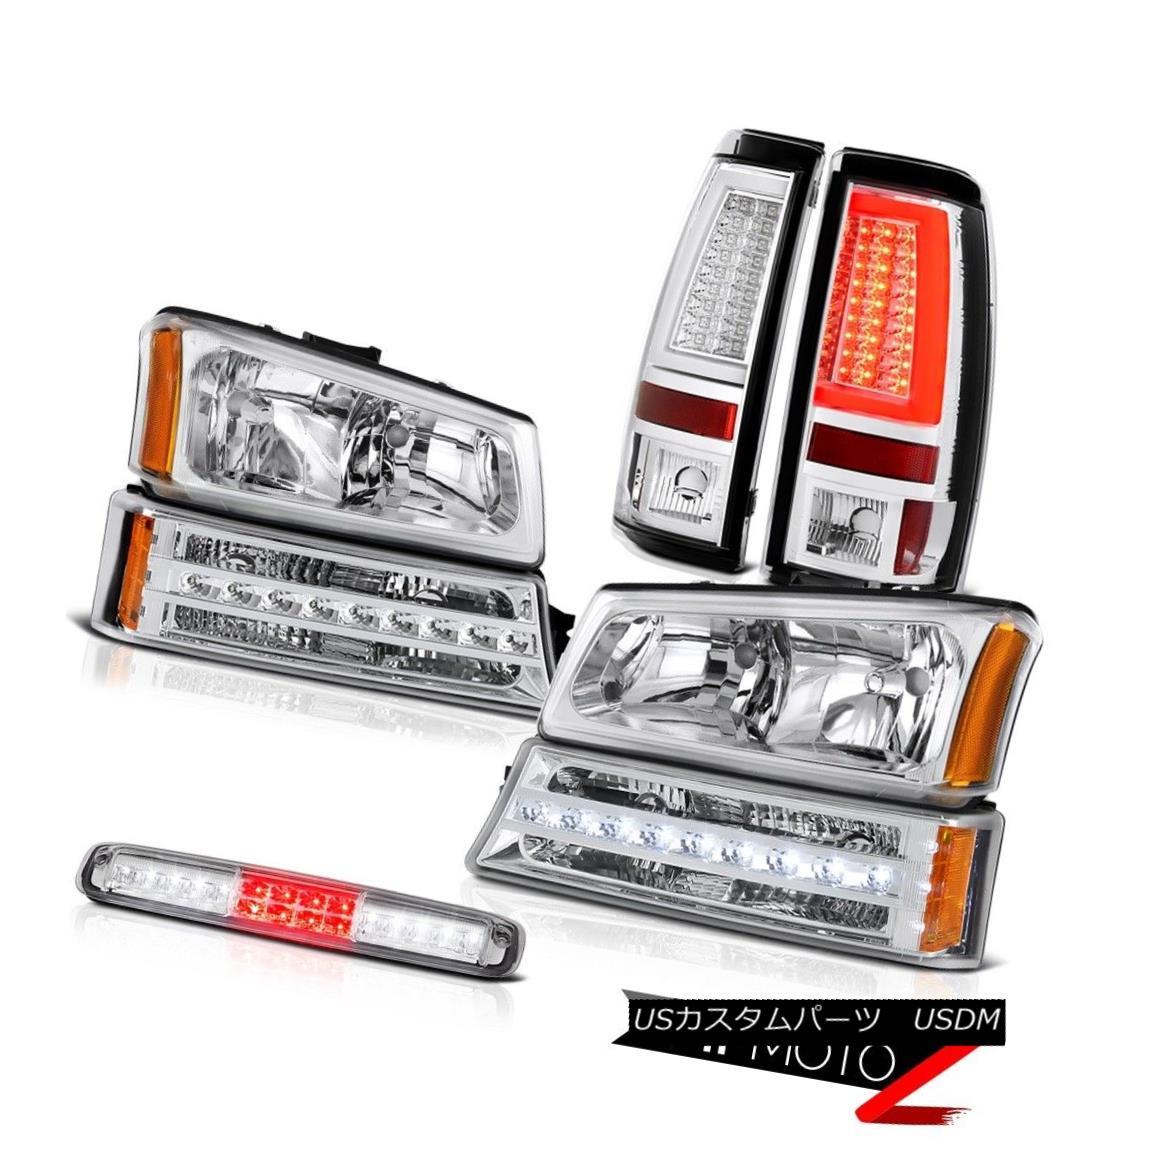 テールライト 03 04 05 06 Silverado 3500Hd Chrome Tail Lights Roof Cab Lamp Headlamps Bumper 03 04 05 06 Silverado 3500Hdクロームテールライトルーフキャブランプヘッドランプバンパー